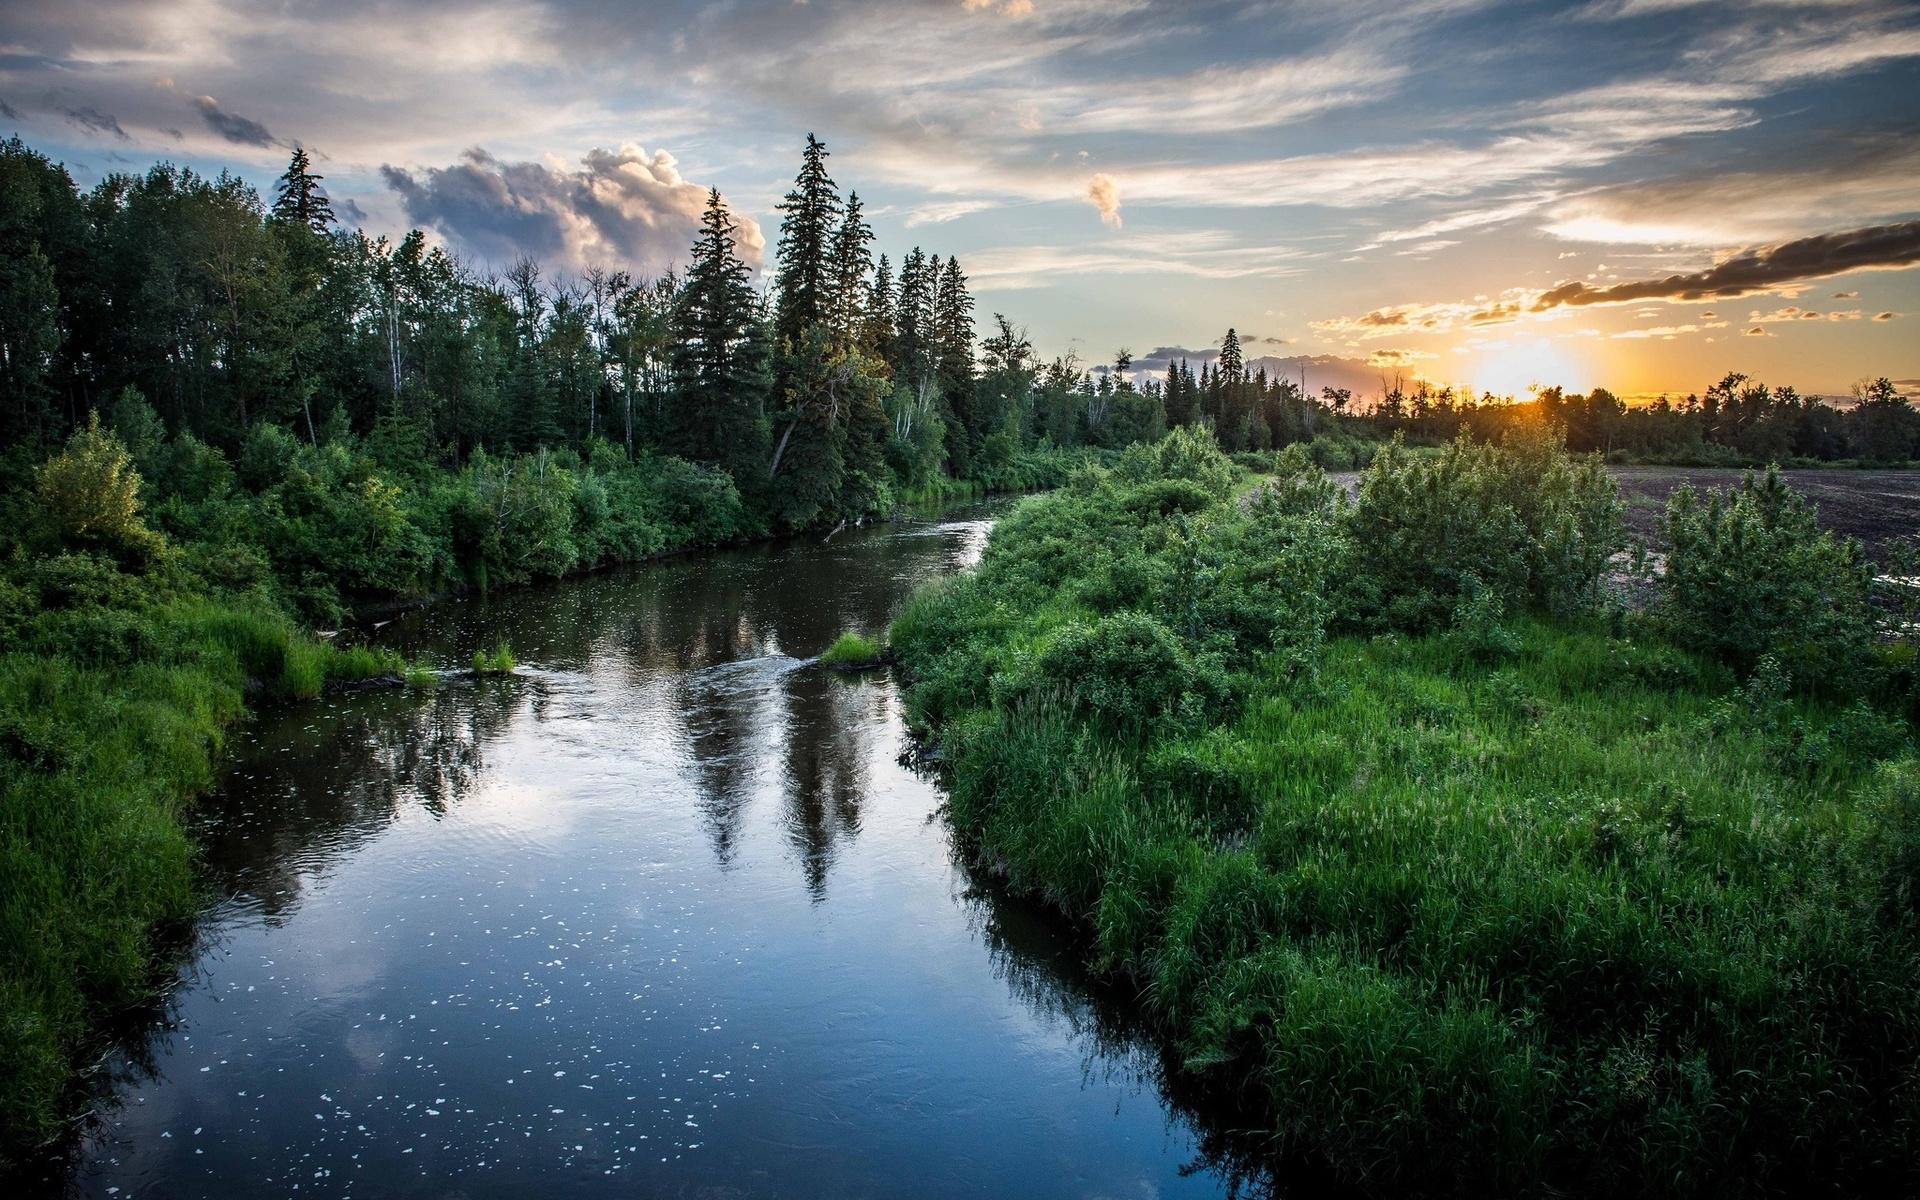 День рождения, картинка с рекой и лесом